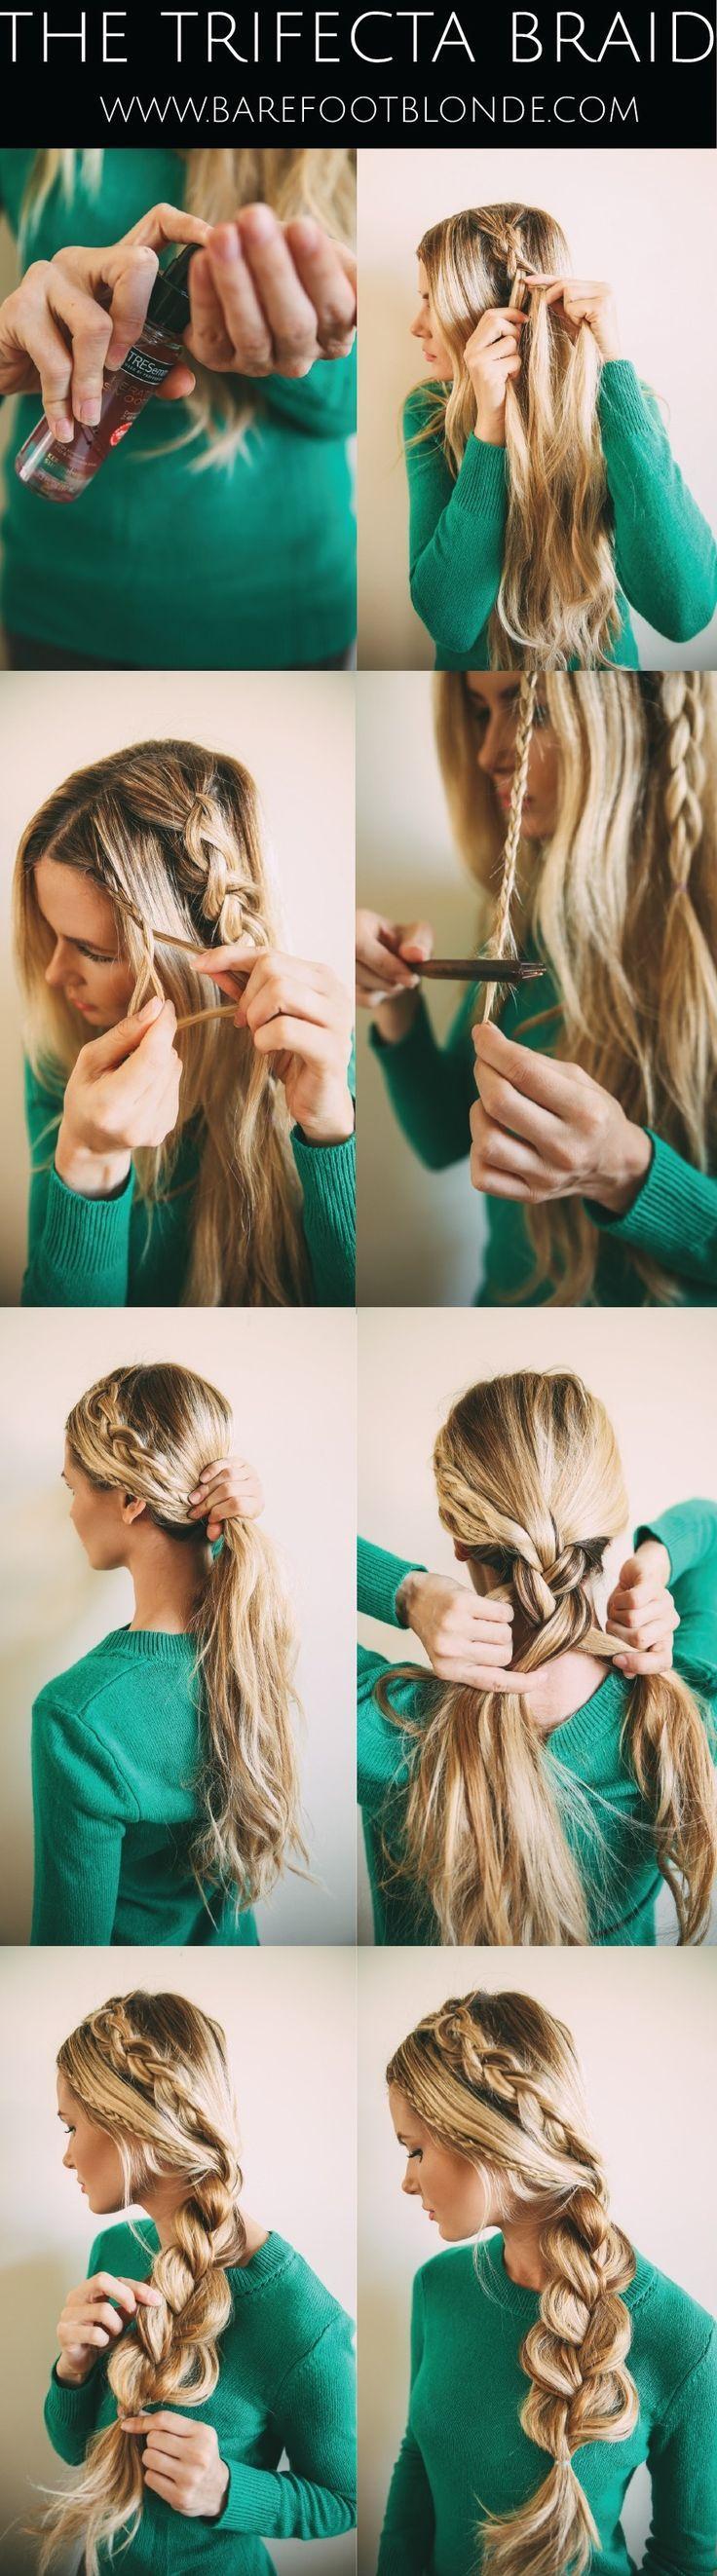 Как сделать косички из средних волос